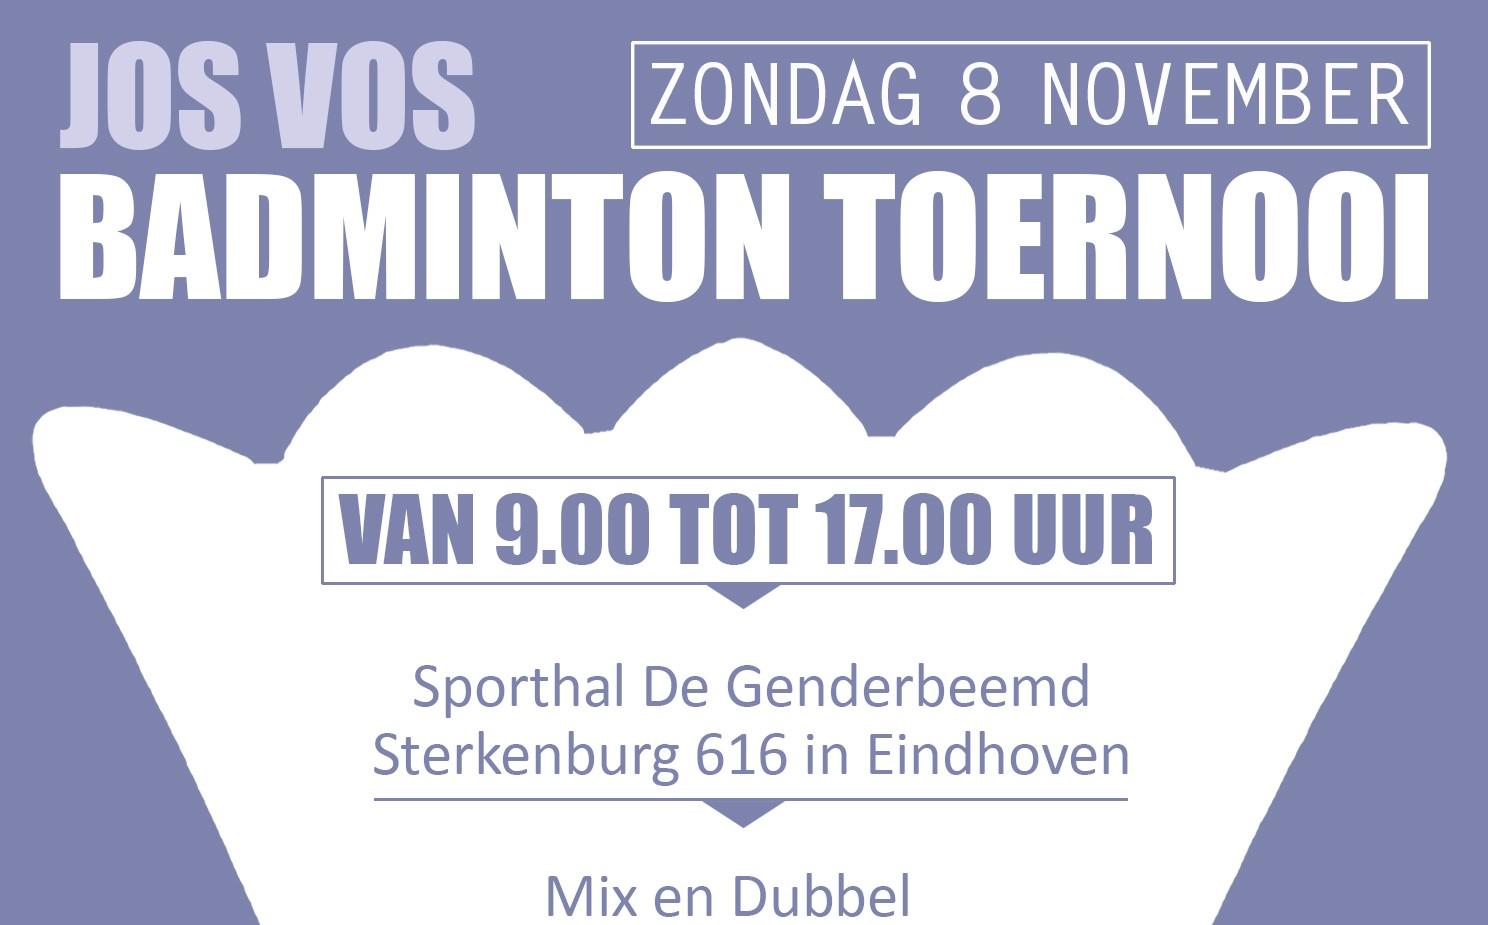 Uitnodiging Jos Vos badminton toernooi